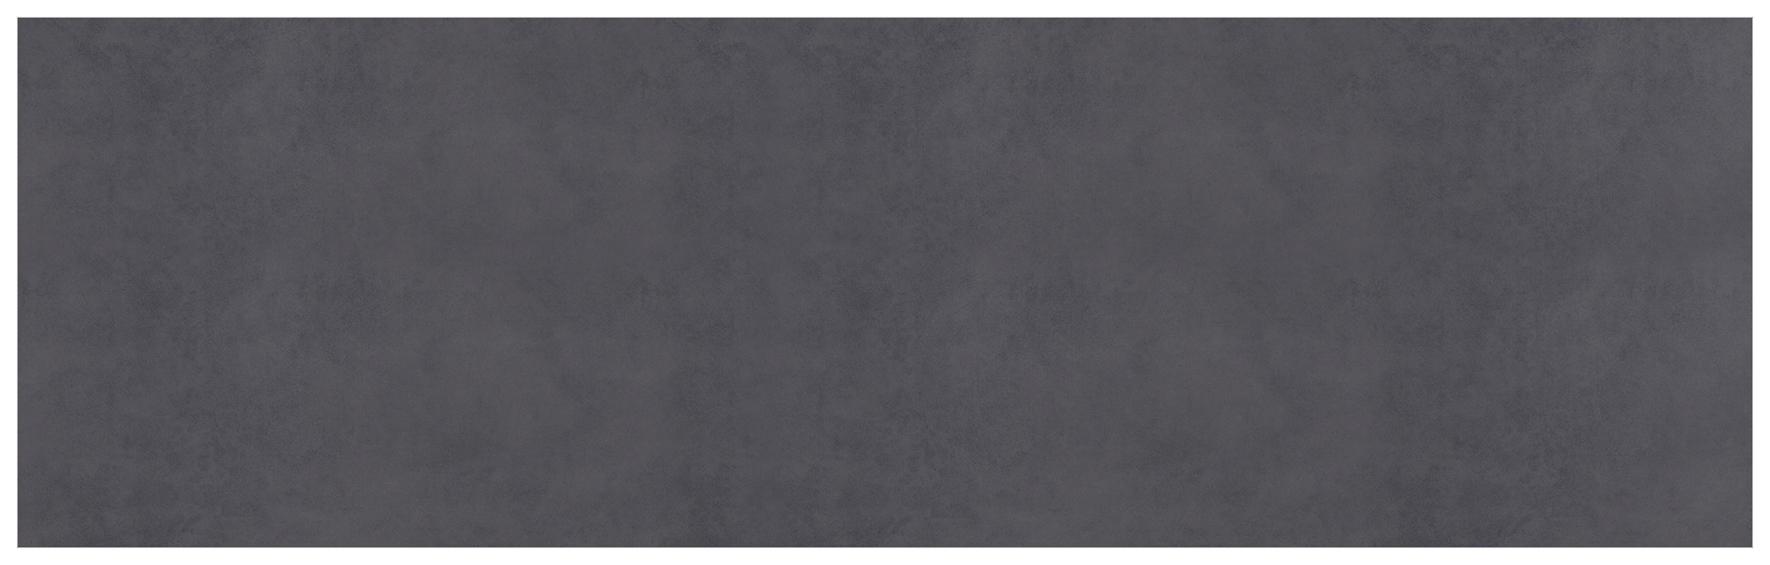 Tredi-Carbonio-1000x3000x3mm